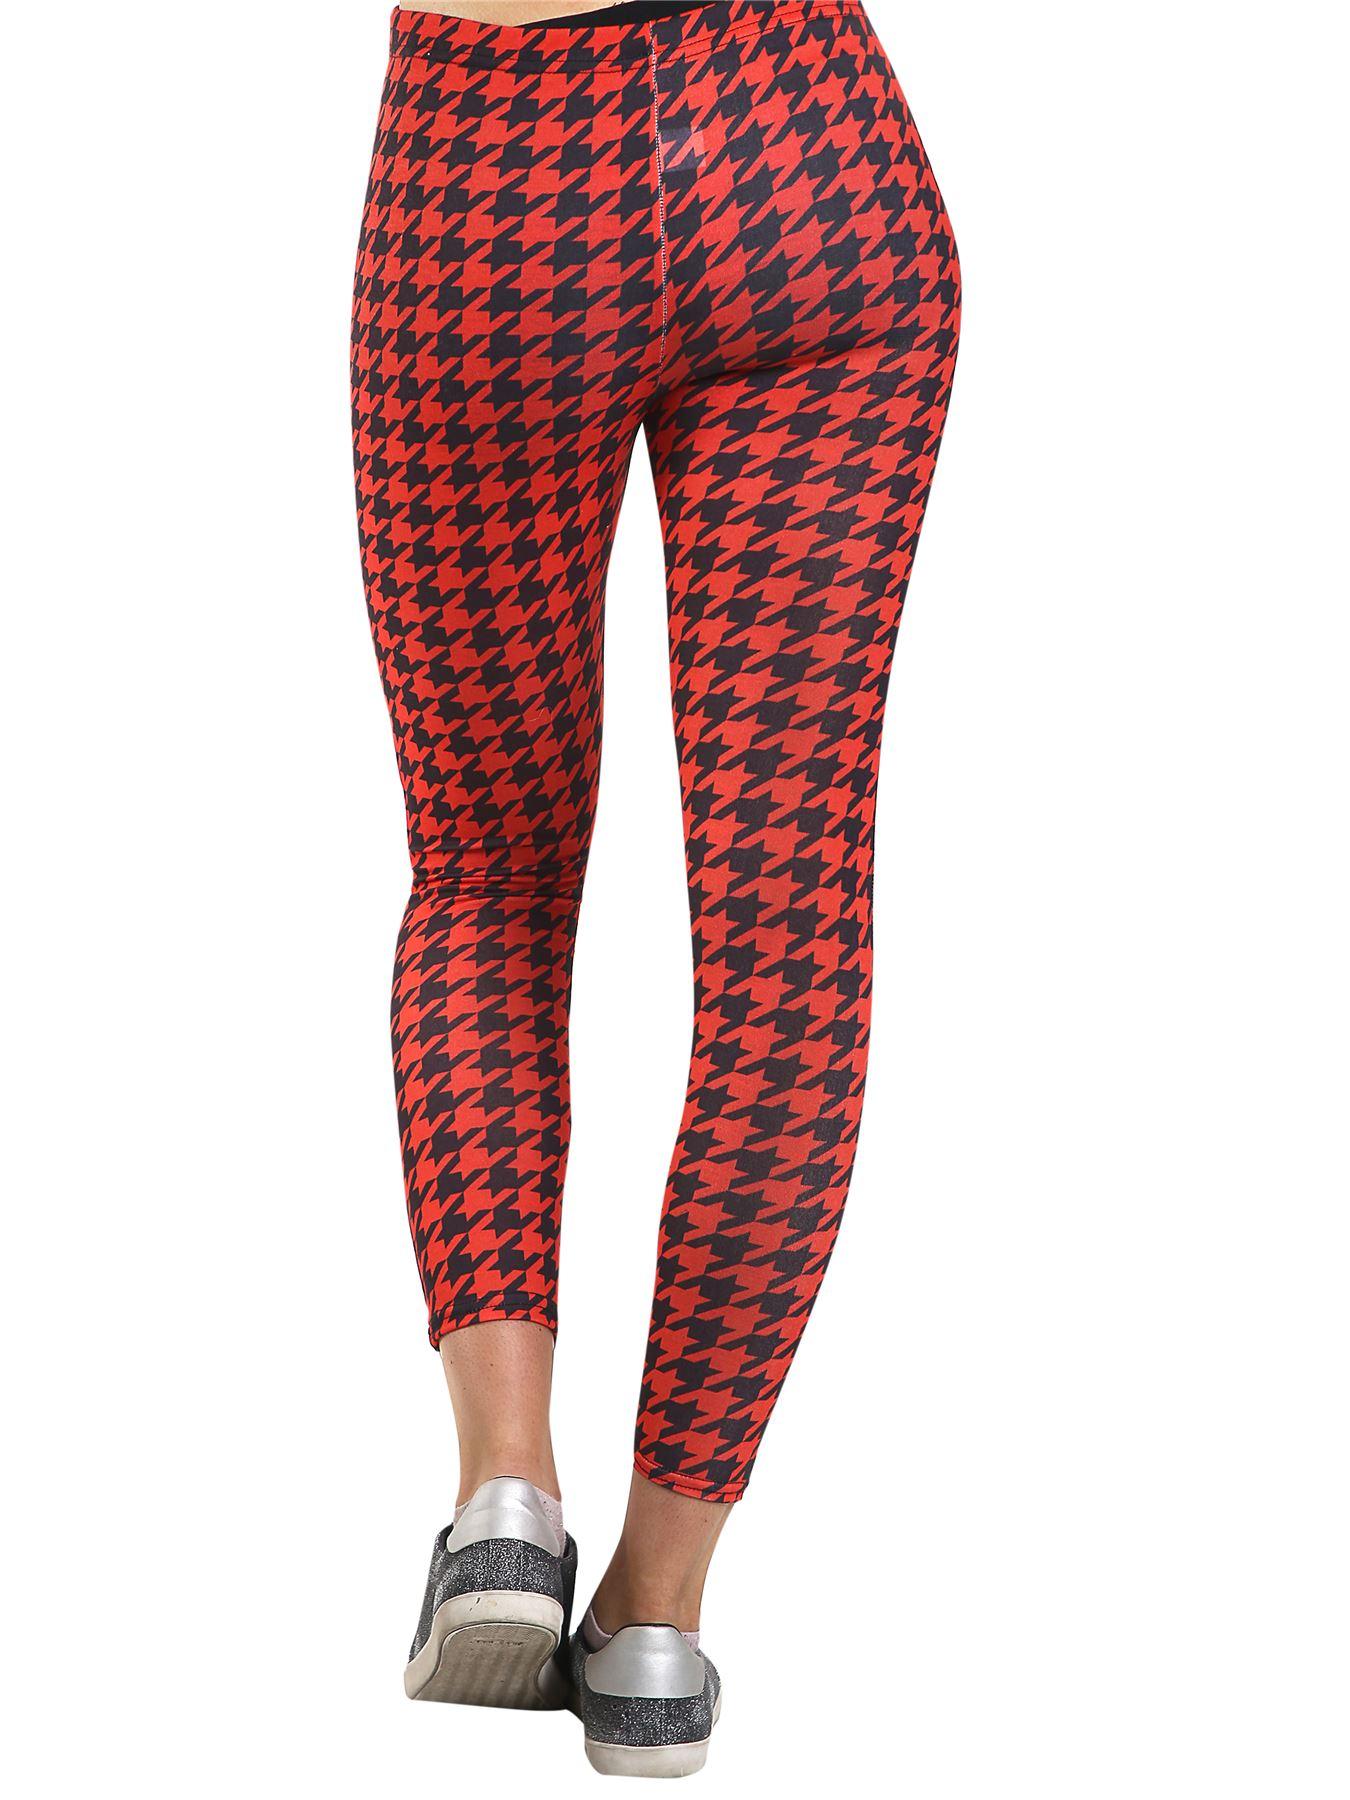 Détails sur Femmes Imprimé Yoga Pantalon Gym Fitness Course Sports Leggings Pleine Longueur